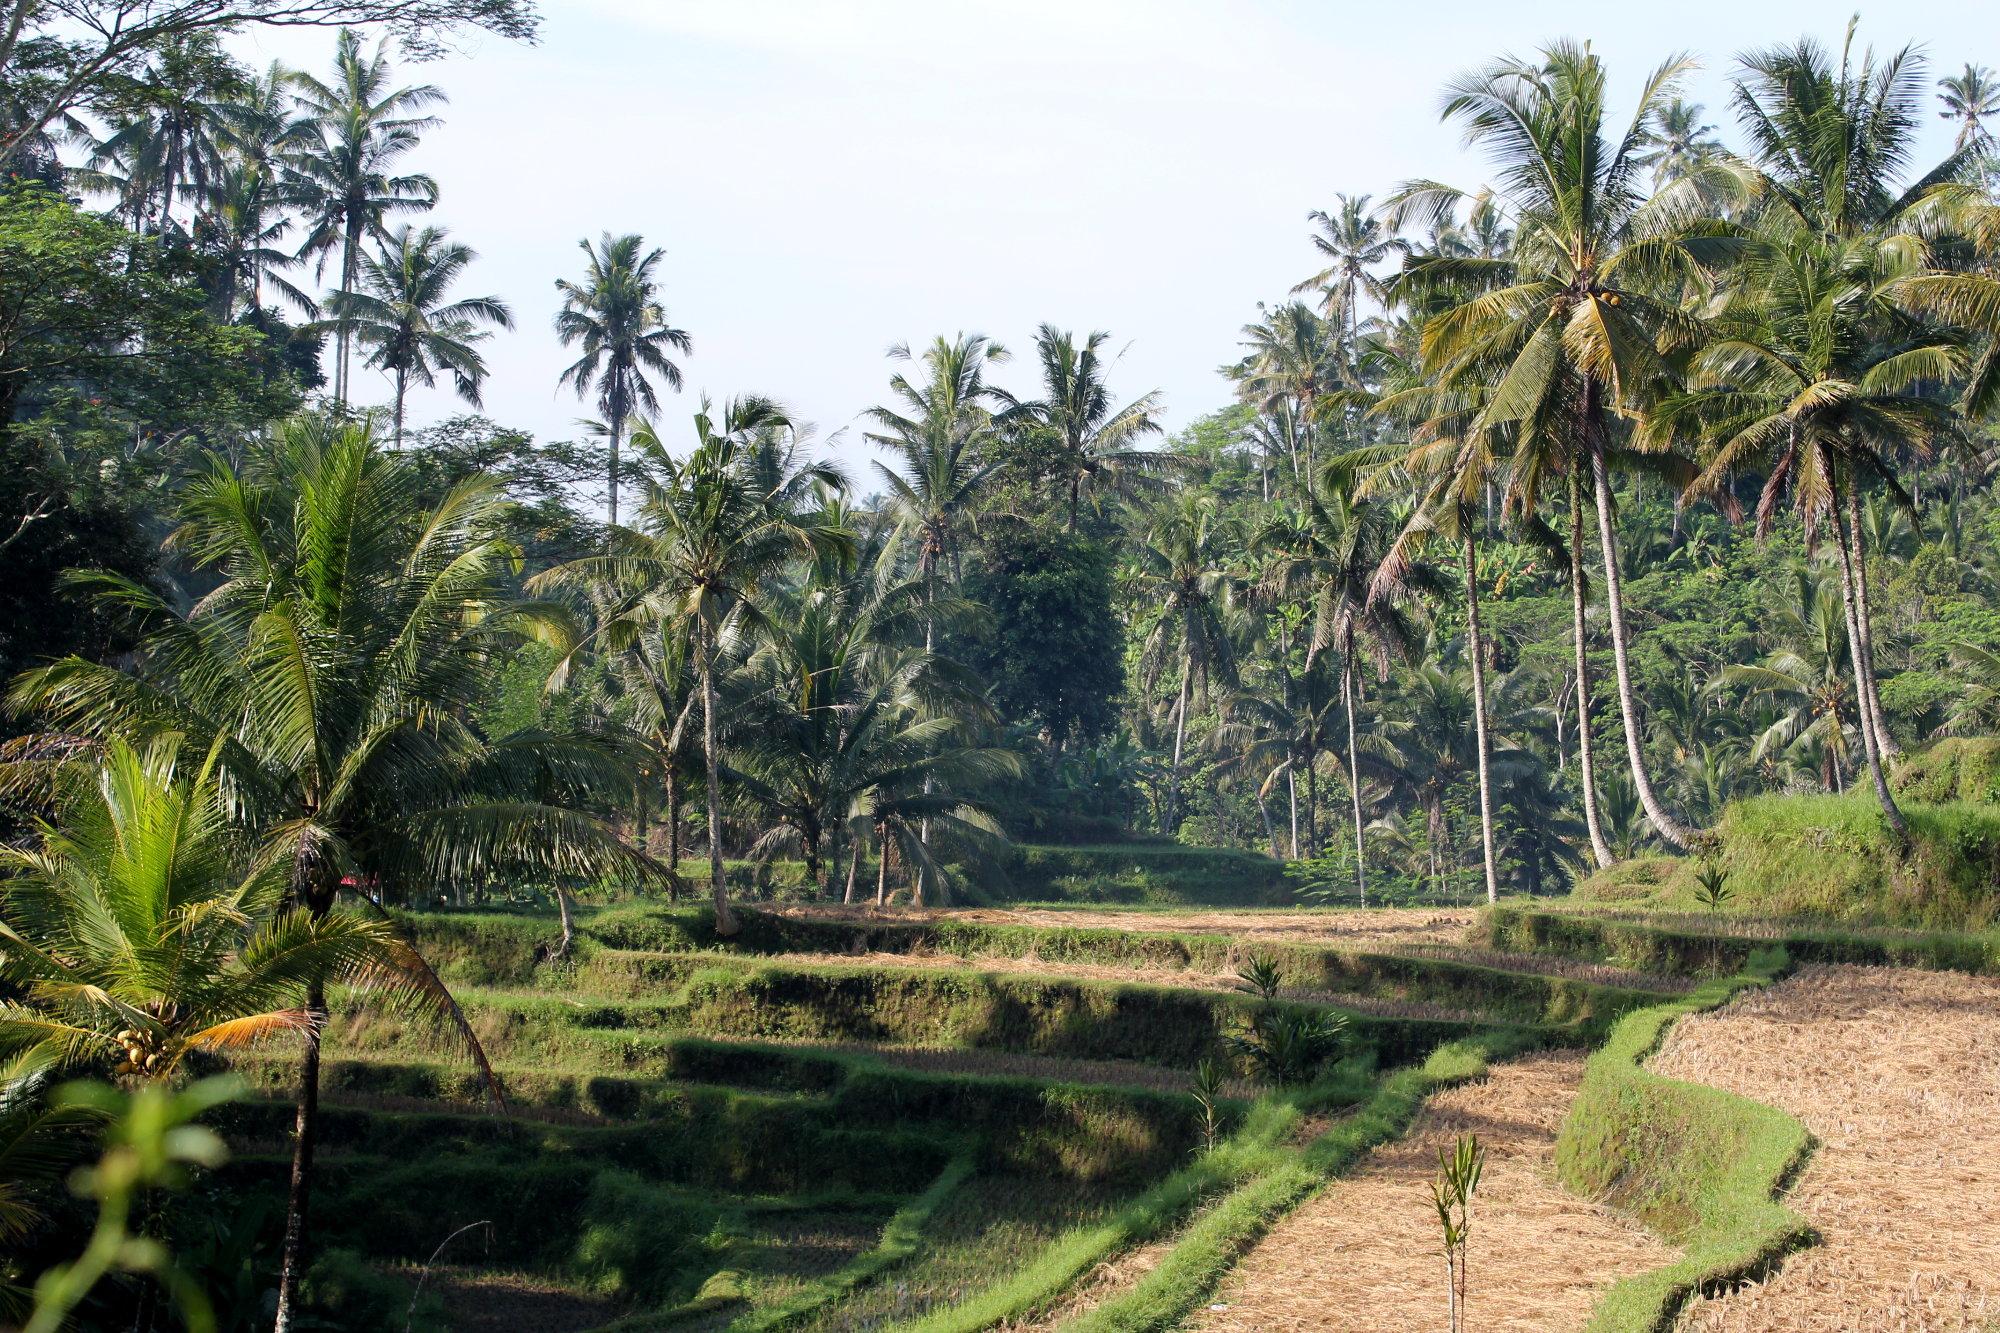 Dans le centre de l'île, les rizières offrent des points de vue assez canon